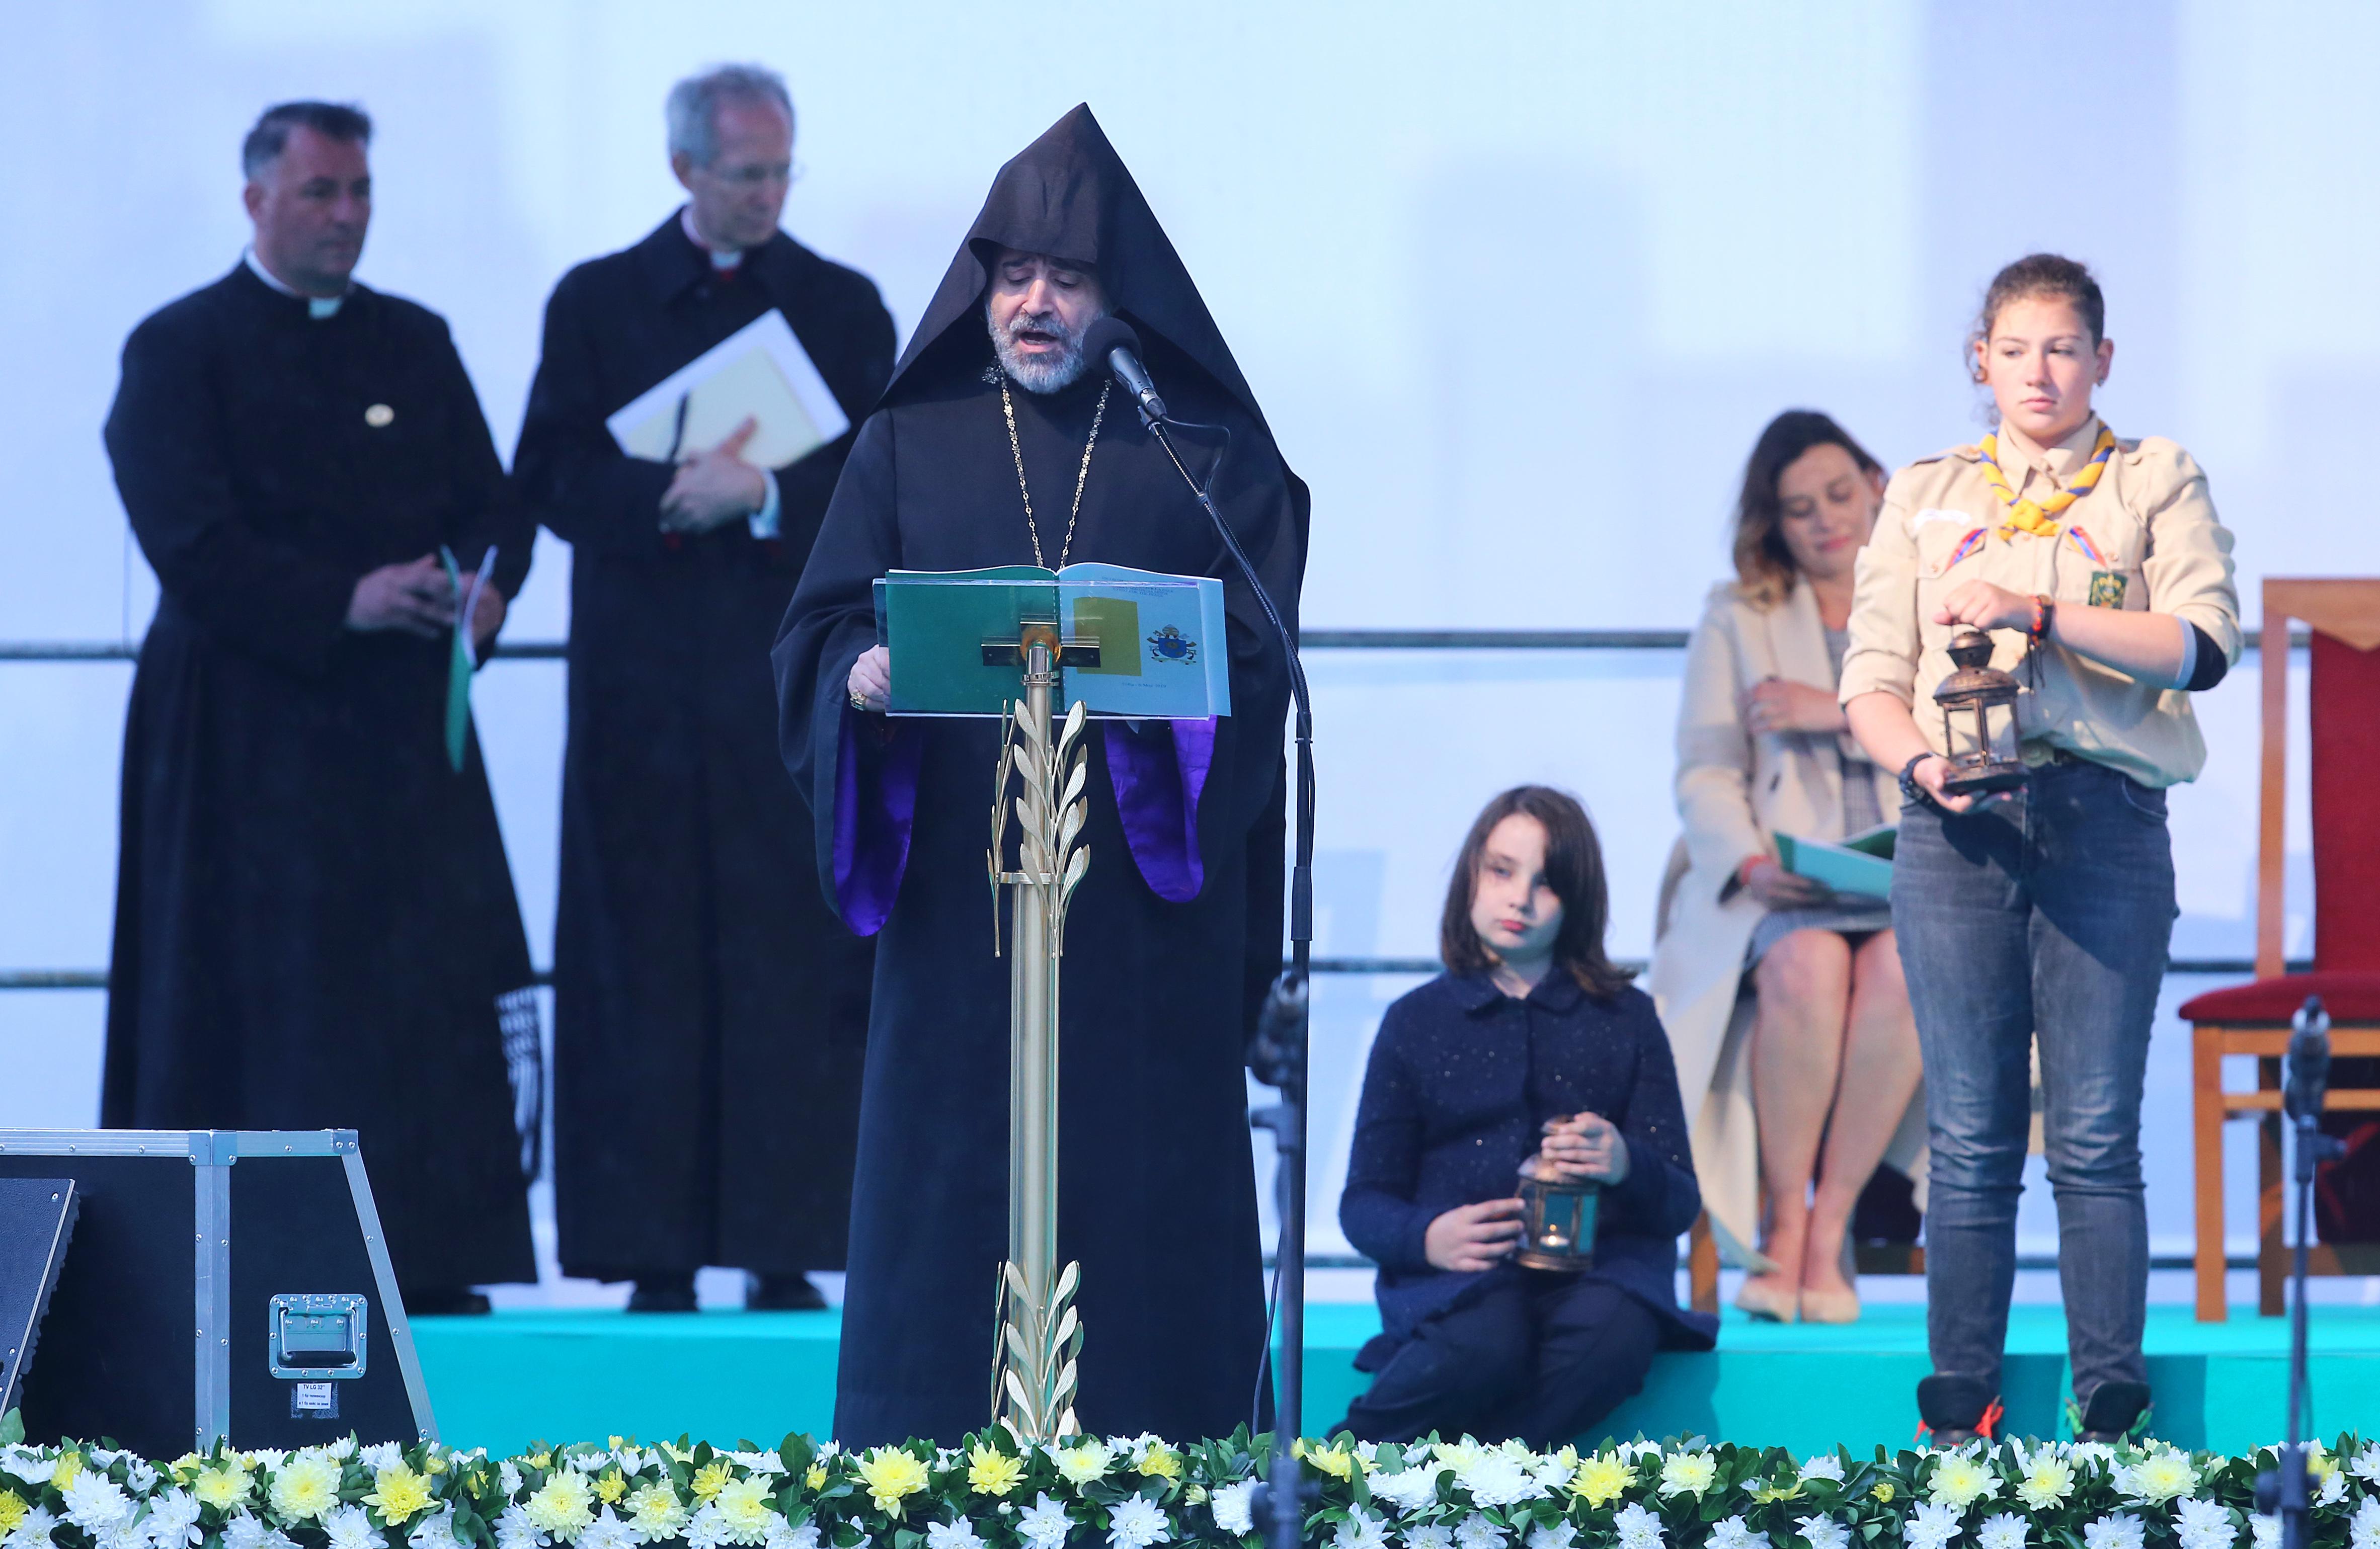 """Папа Франциск отправи своята молитва за мир на пл. """"Независимост"""" в столицата. Посланието за мир бе и заключителната церемония от посещението в България на главата на Римокатолическата църква. Преди Негово Светейшество различните вероизповедания отправиха своите молитви за мир."""